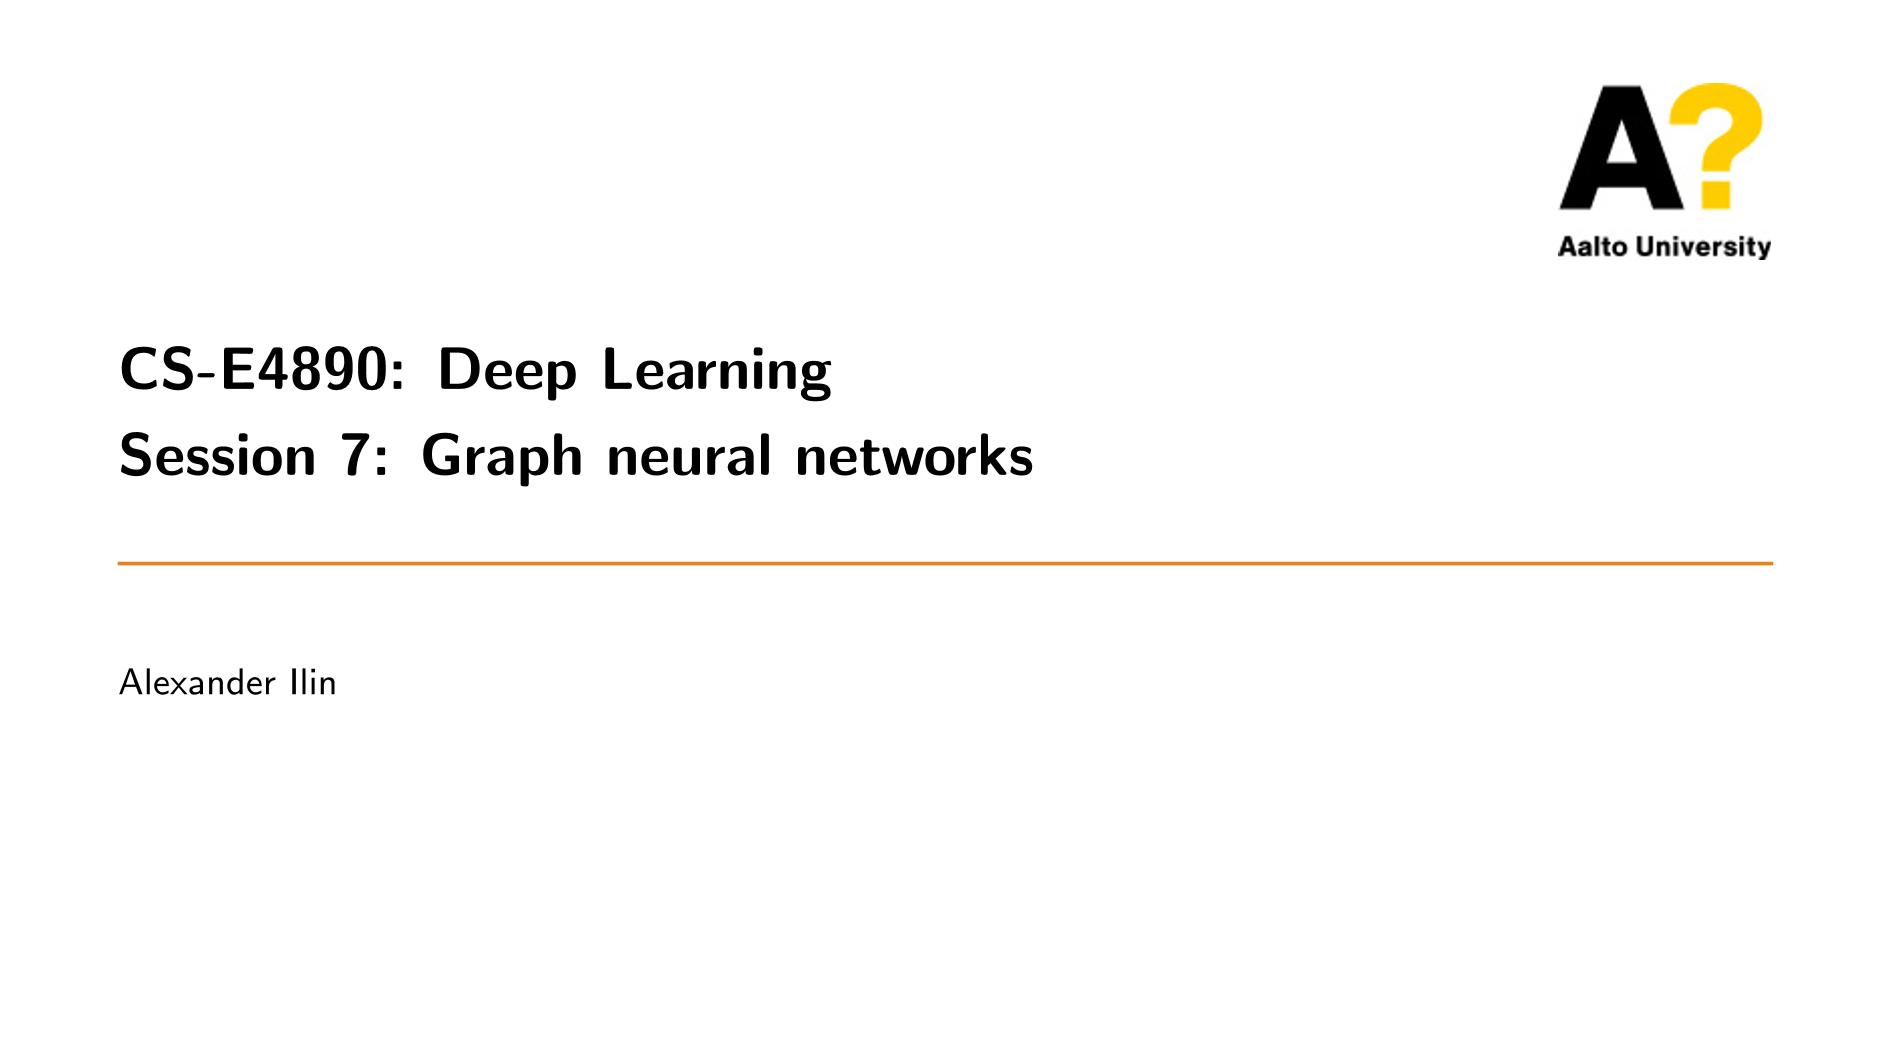 【阿尔托大学】图神经网络,Graph Neural Networks,附60页ppt